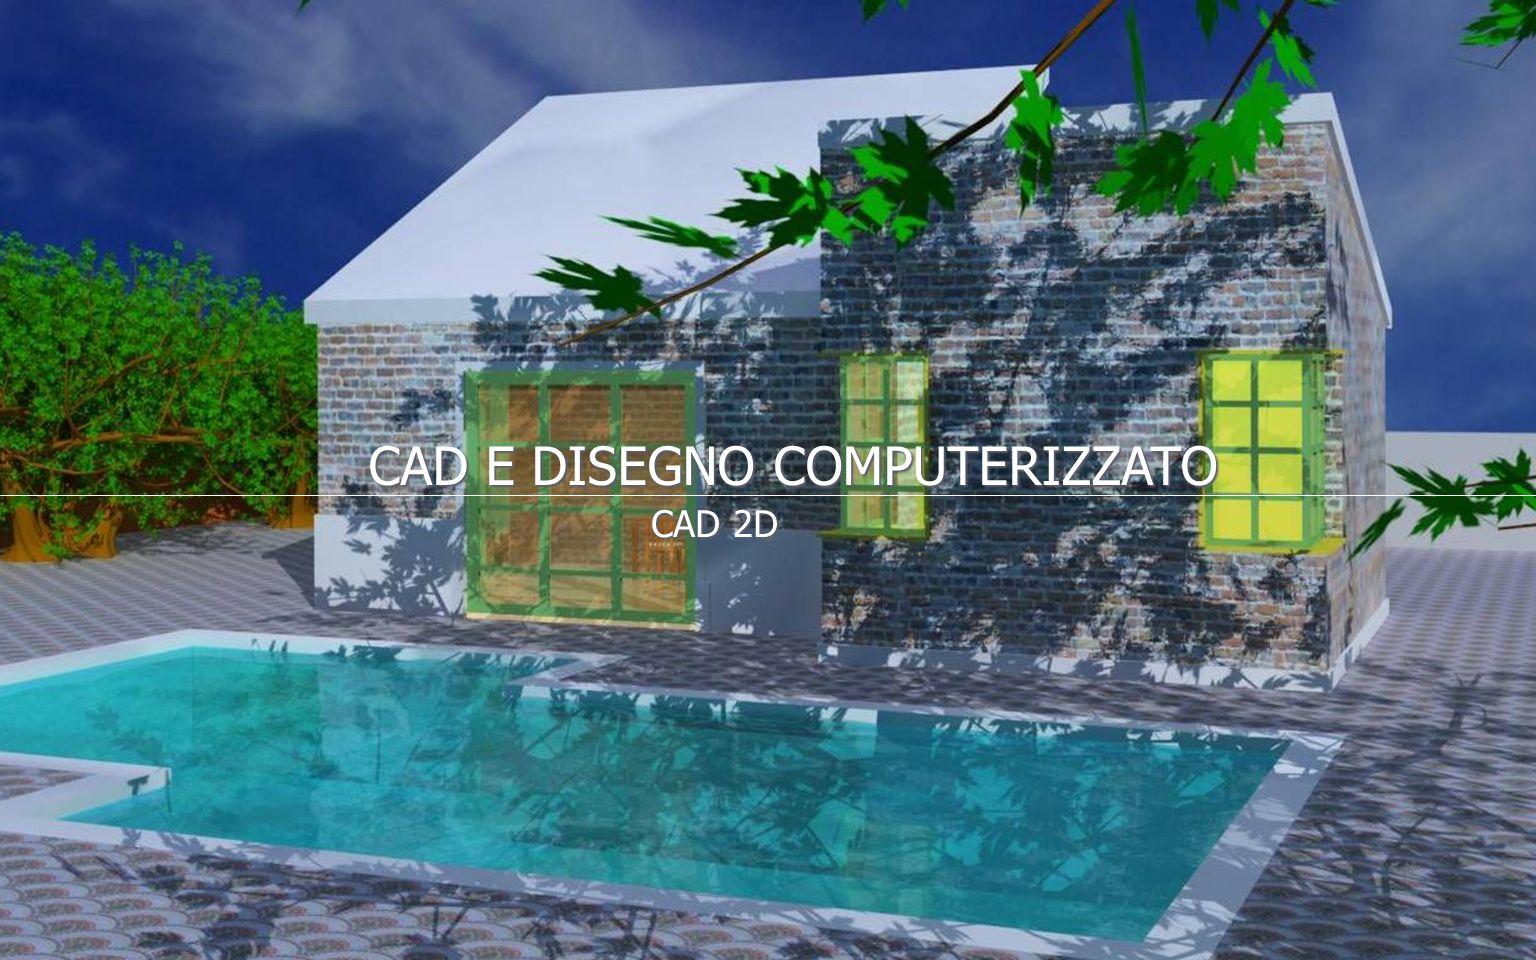 CAD 2D CAD E DISEGNO COMPUTERIZZATO